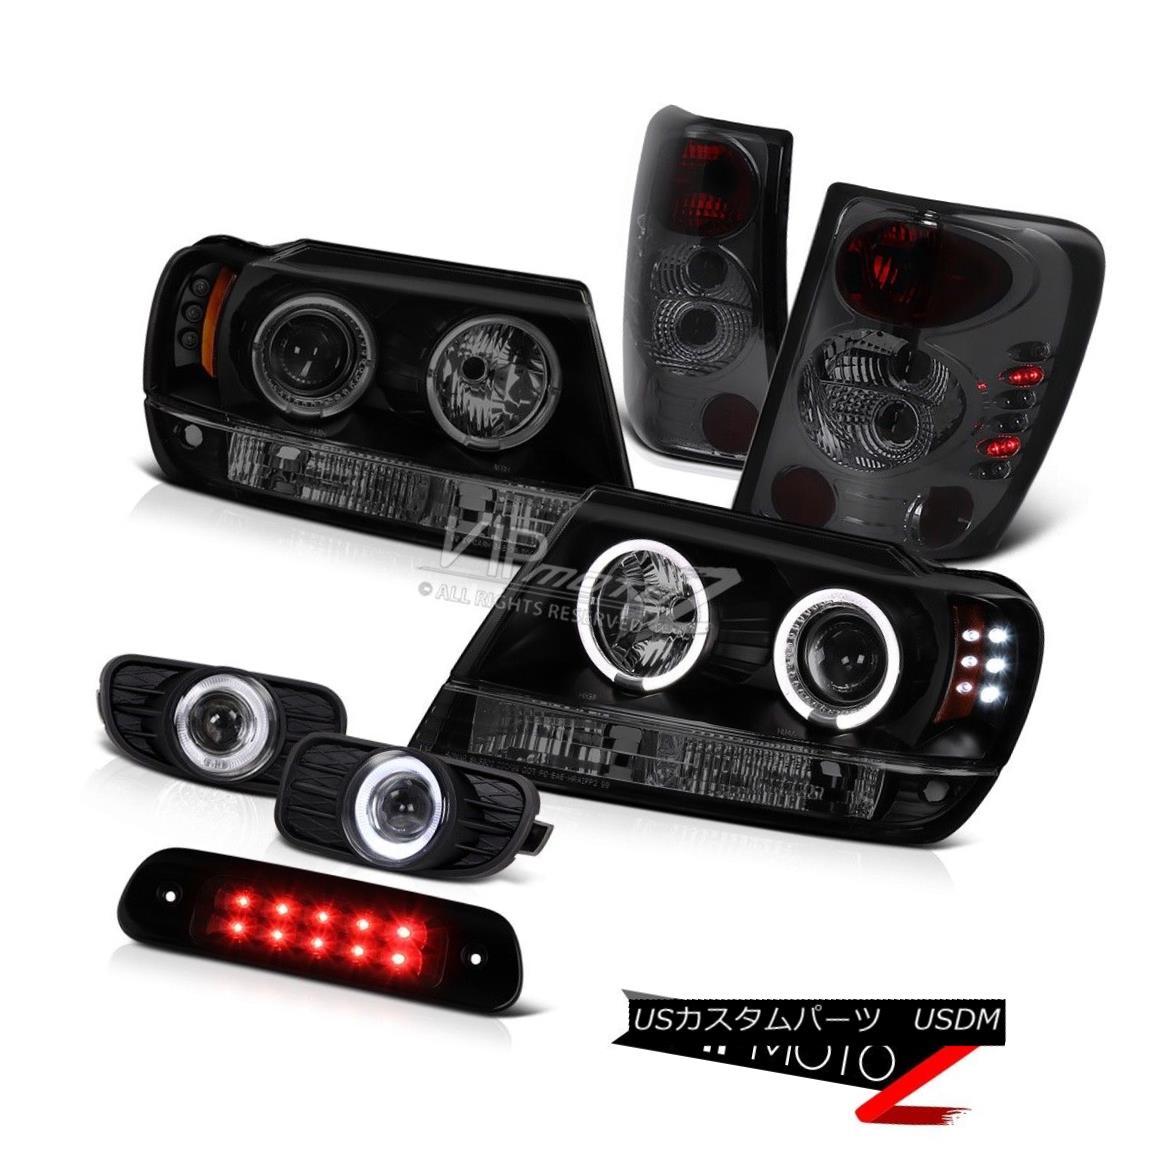 ヘッドライト 99-03 Jeep Grand Cherokee 4WD 3RD Brake Light Fog Lamps Tail Headlights LED Bk 99-03ジープグランドチェロキー4WD 3RDブレーキライトフォグランプテールヘッドライトLED Bk